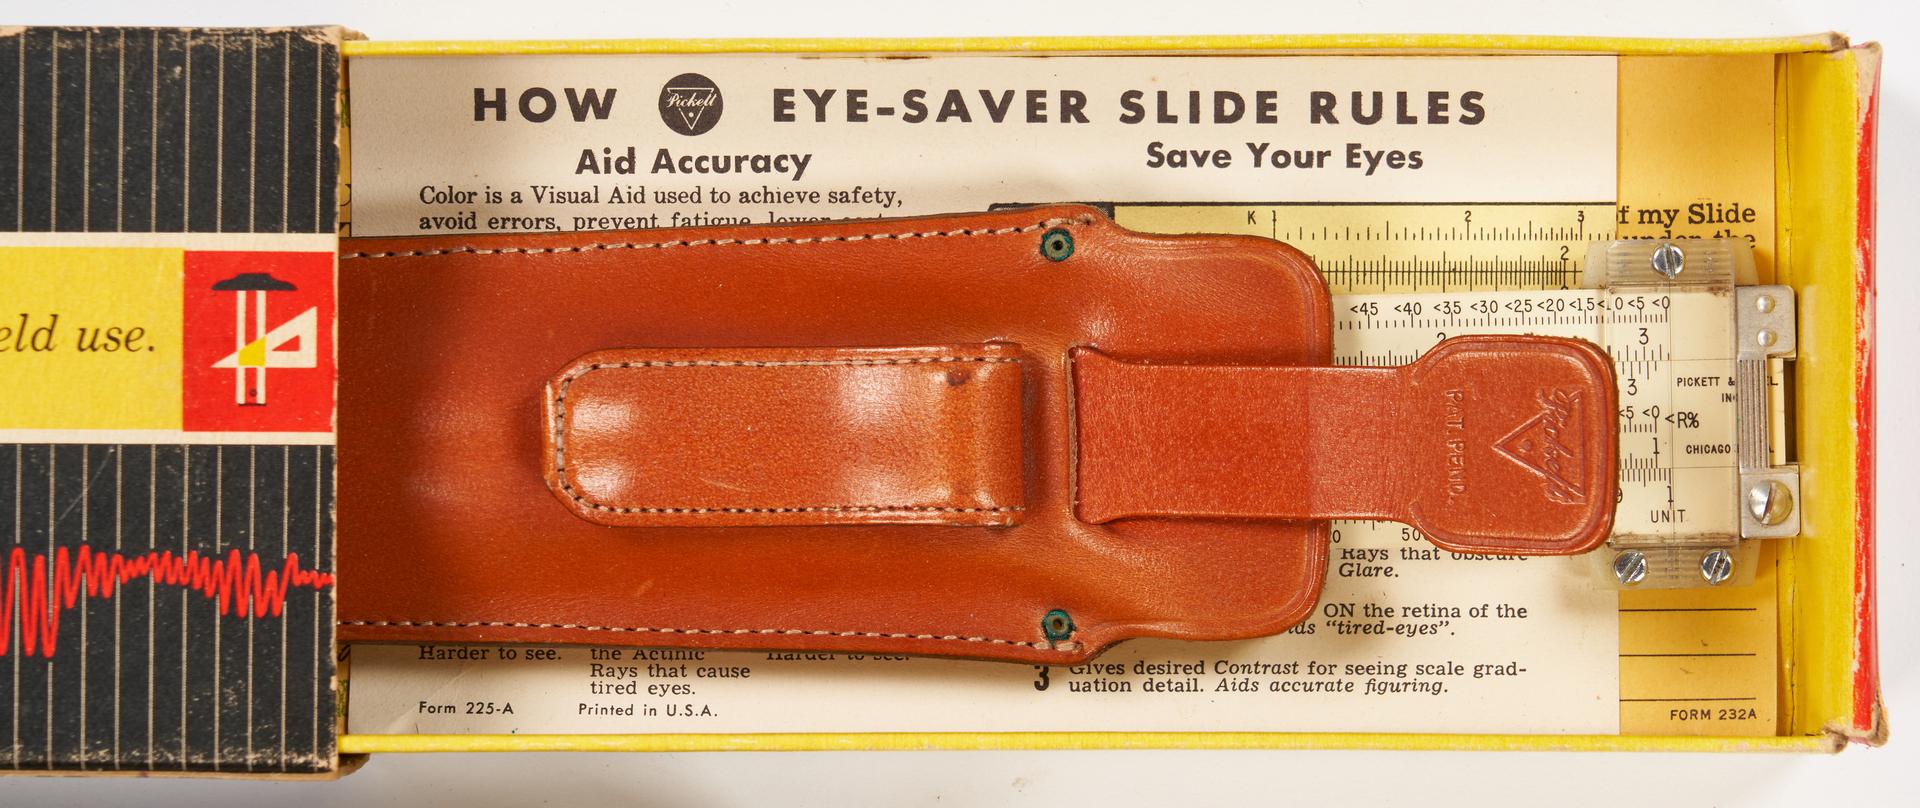 Lot 974: 7 Pickett Boxed Slide Rules, 1 Dealer's Kit